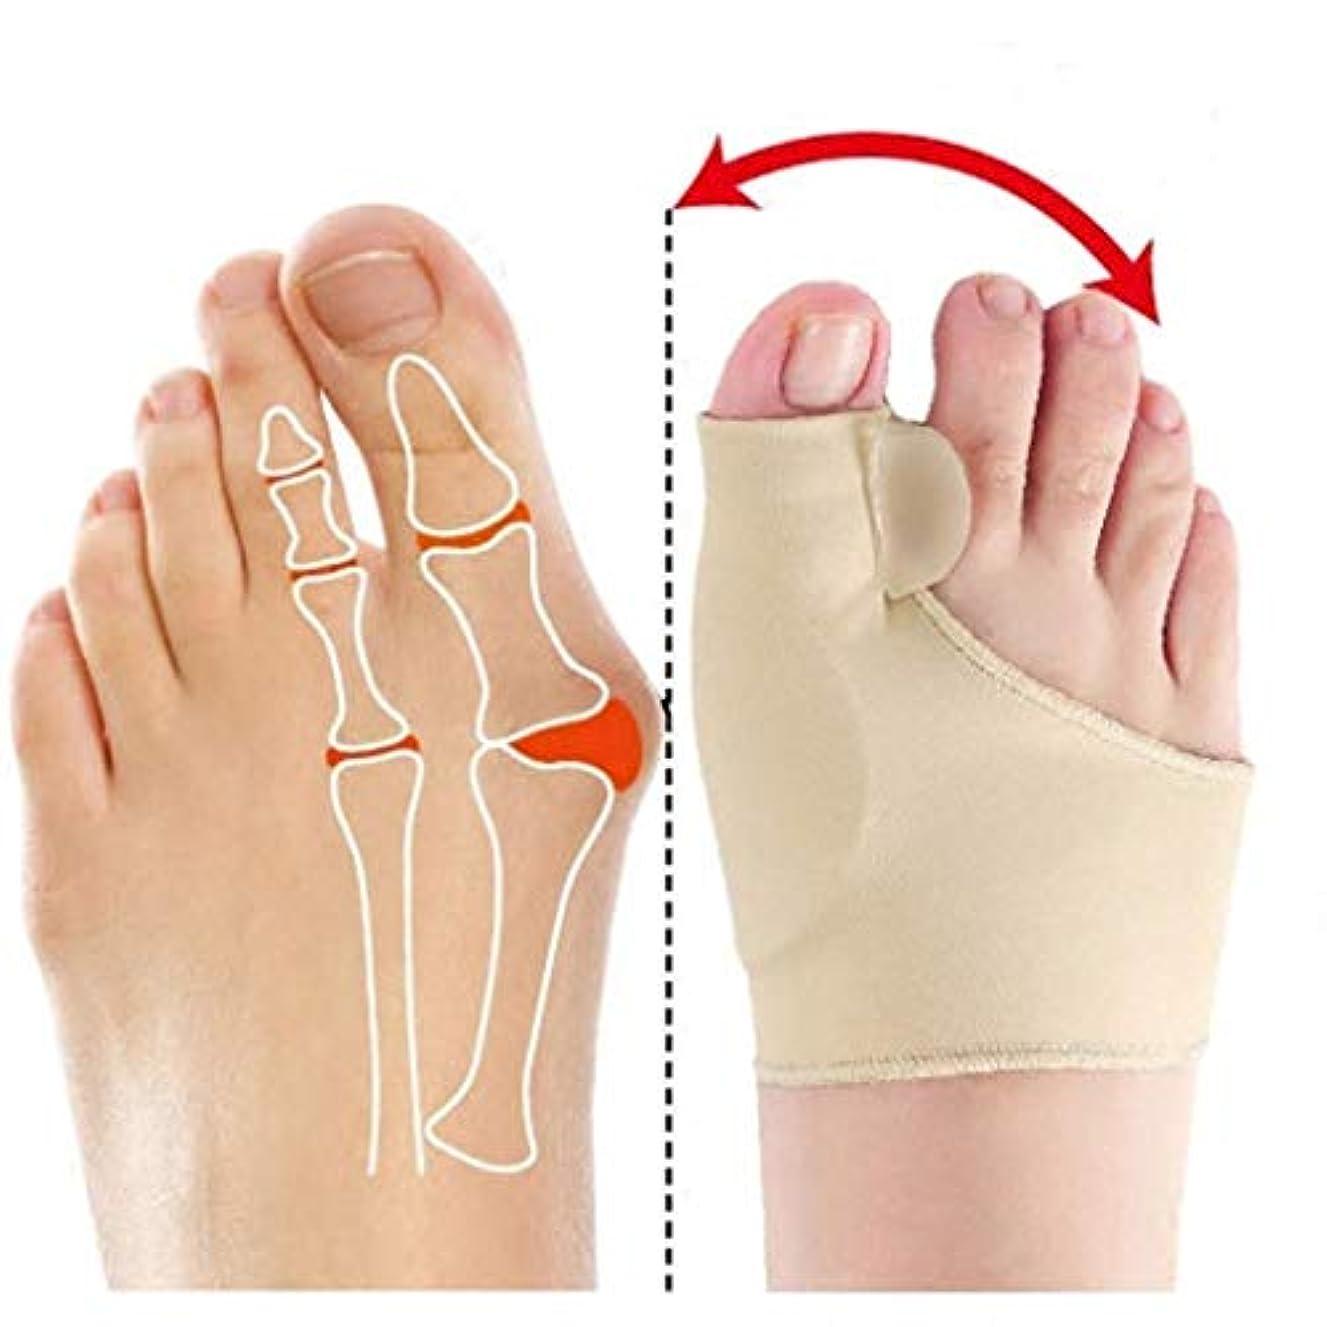 セットする打ち負かす霜Dyong Thumb Toe Corrector Big Toe Straightener Toe Pain Relief Sleeve、Bunion Splint Support Sleeve with Built-in...